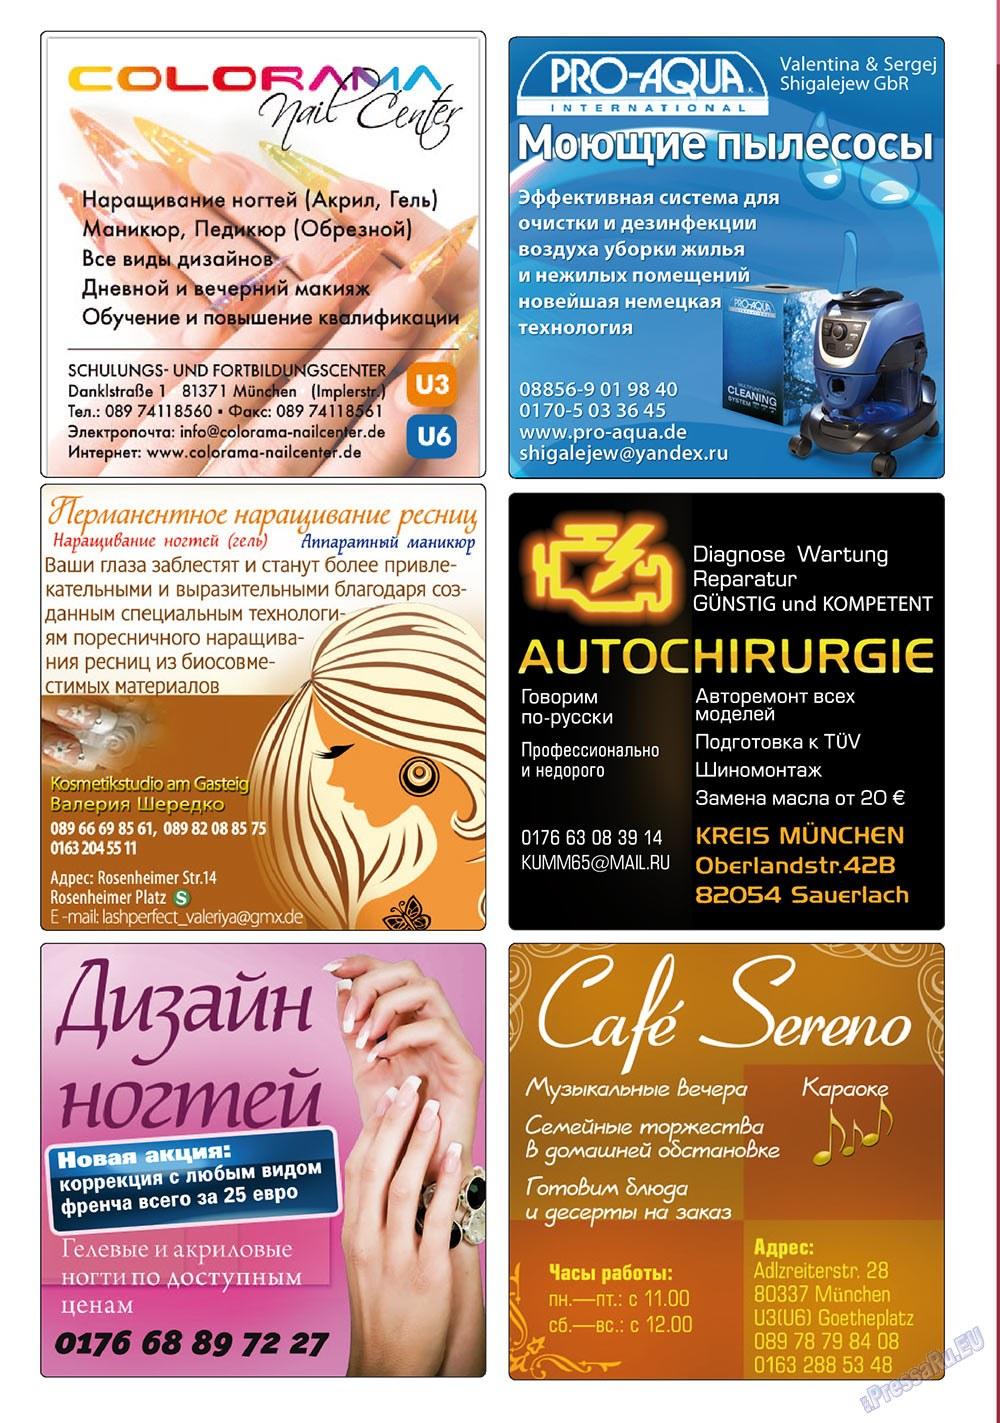 Апельсин (журнал). 2010 год, номер 11, стр. 40